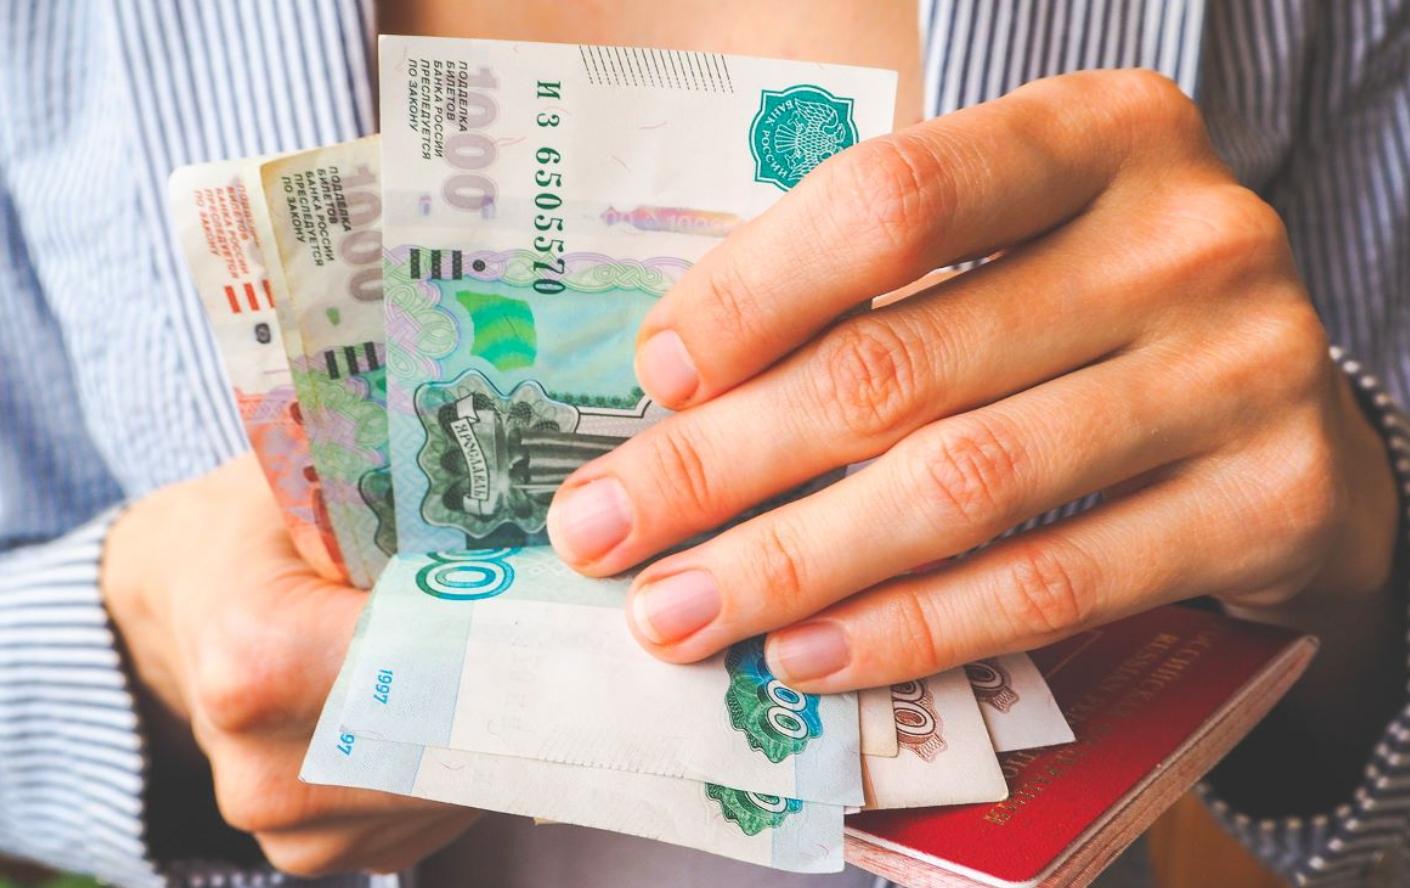 Получить деньги по системе контакт в москве адреса